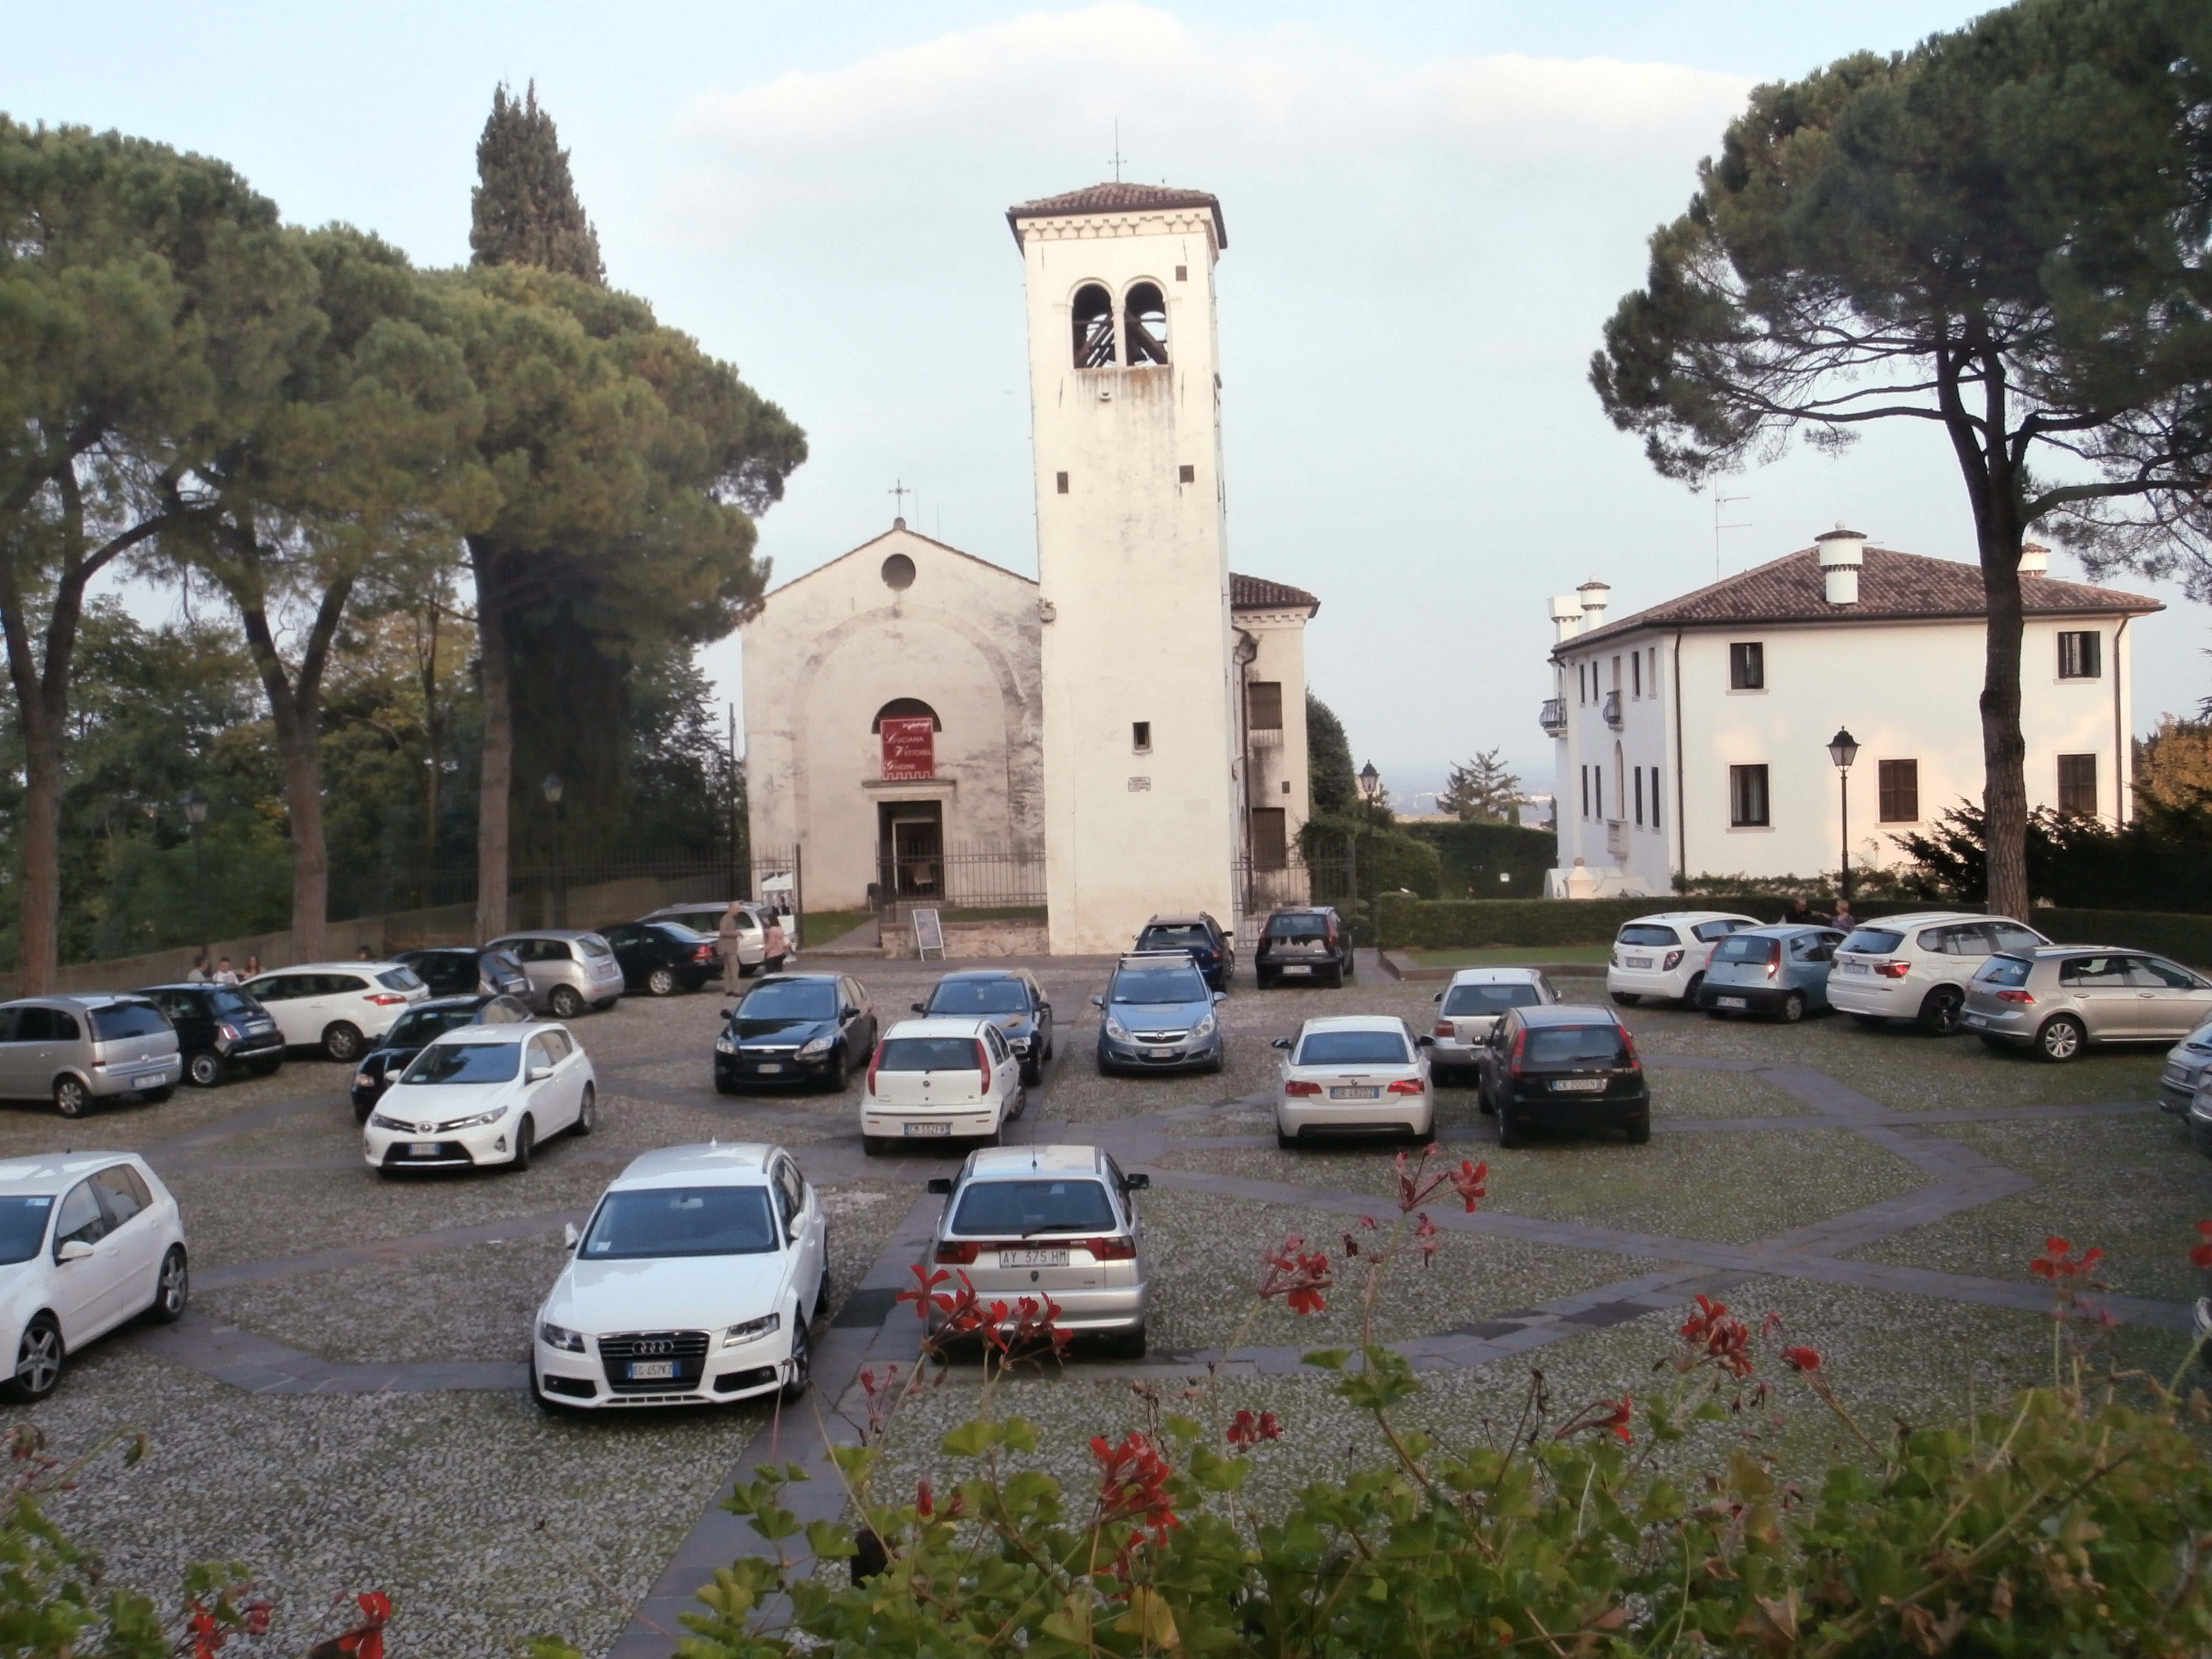 parcheggio + chiesetta I castelli (Collalto  Susegana  Conegliano  Castelbrando  Zumelle)